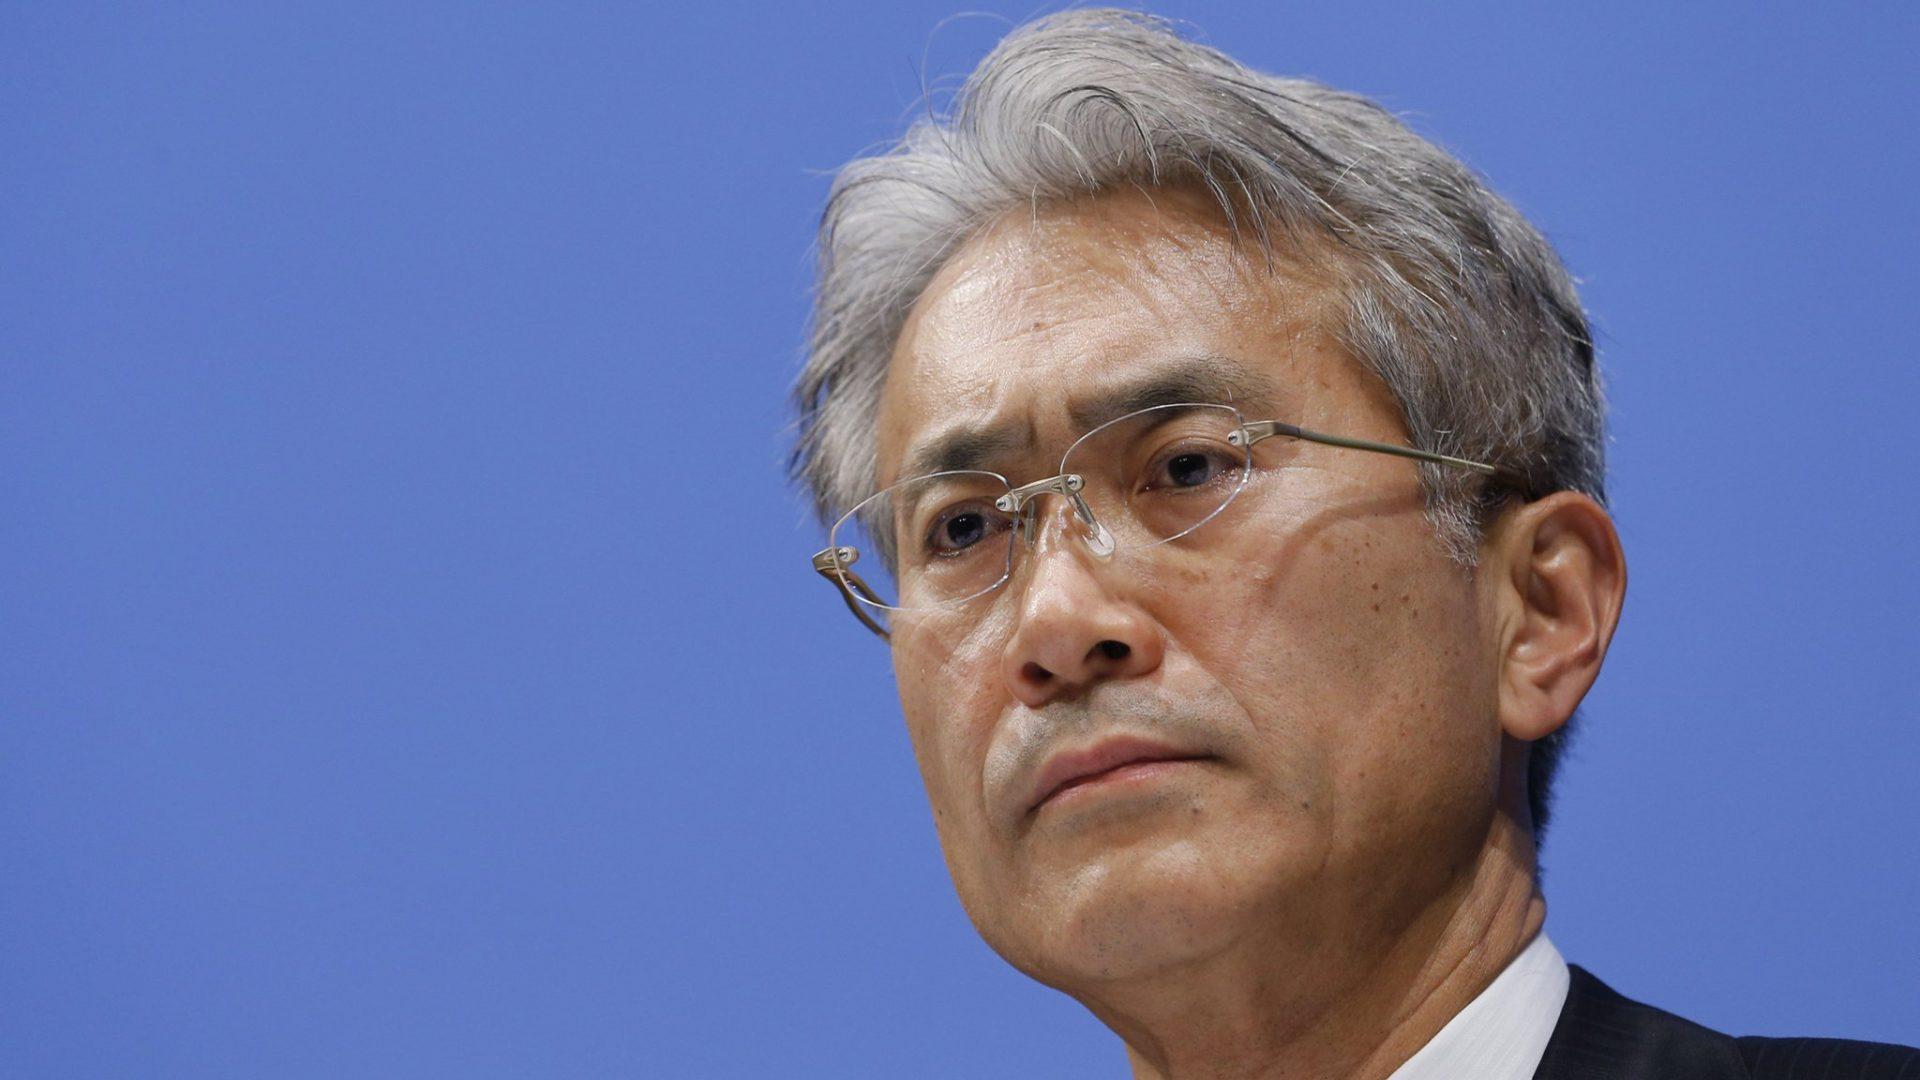 Kenichiro Yoshida Sony CEO